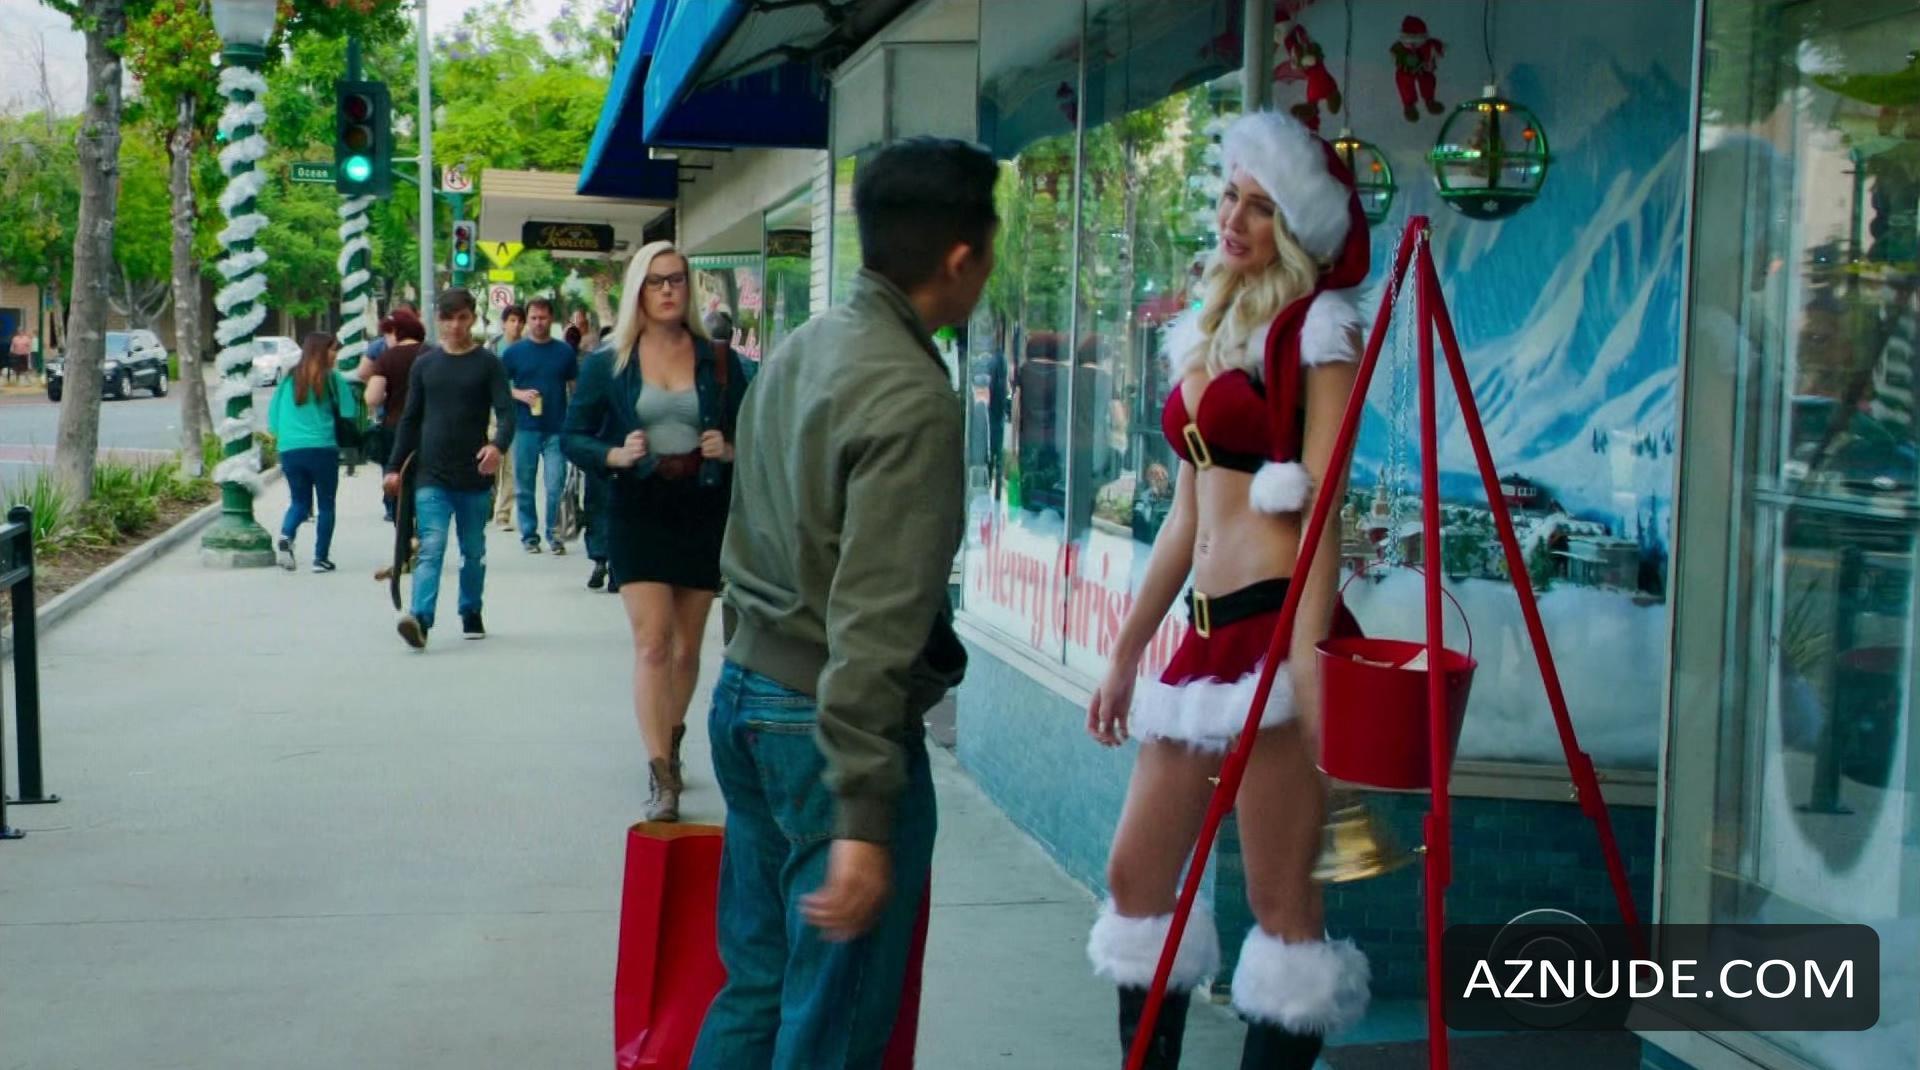 Ncis Los Angeles Nude Scenes - Aznude-9488